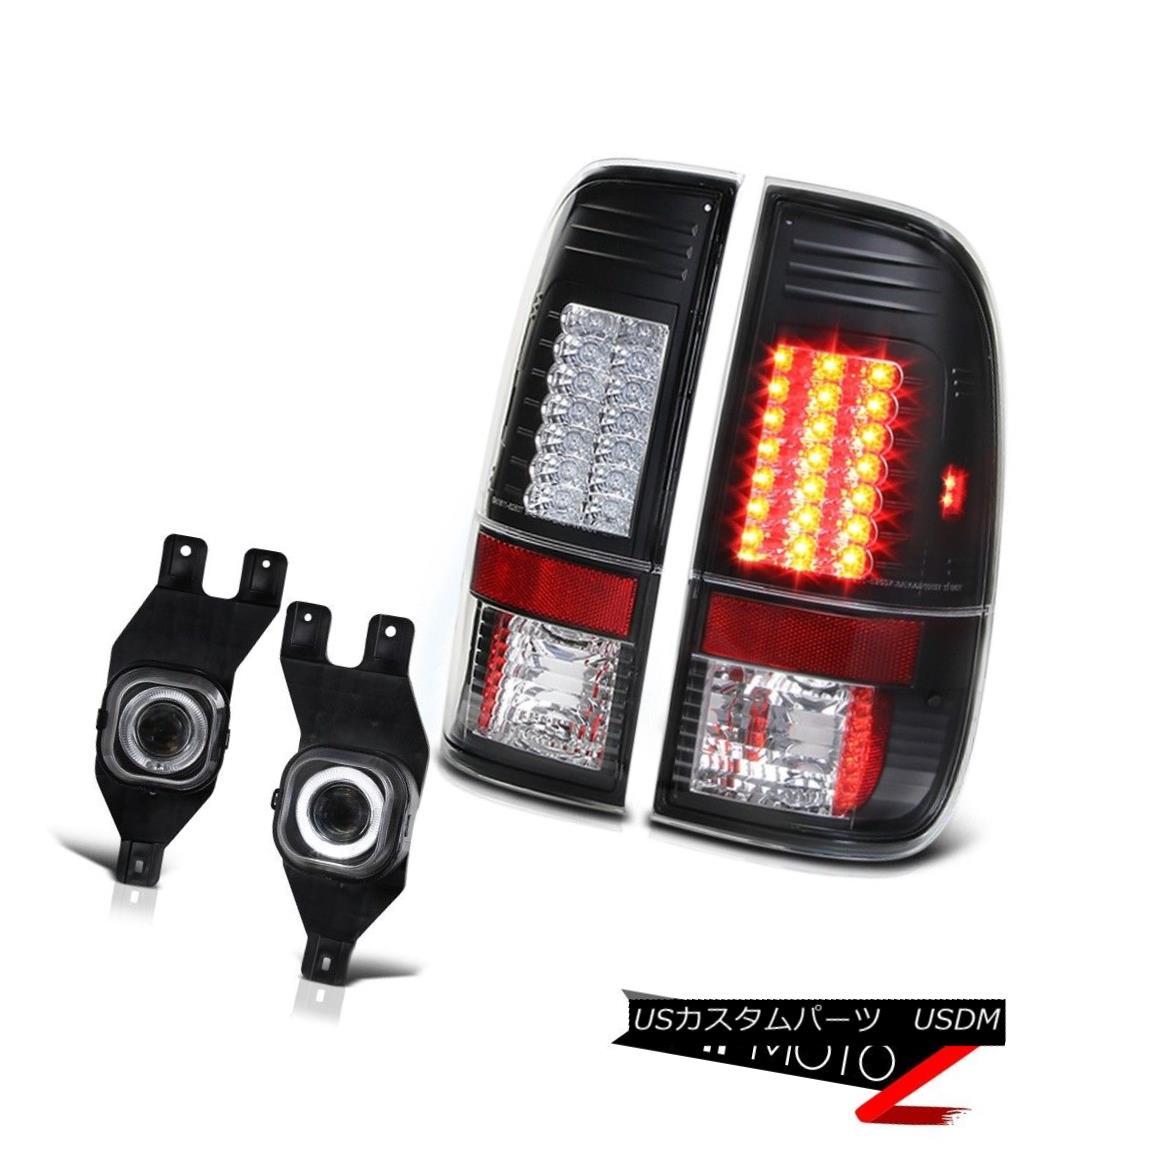 テールライト L+R Black LED Tail Lamp+Projector Halo DRL Fog F250 F350 SuperDuty 99-04 Pickup L + RブラックLEDテールランプ+プロジェクターHalo DRL Fog F250 F350 SuperDuty 99-04ピックアップ